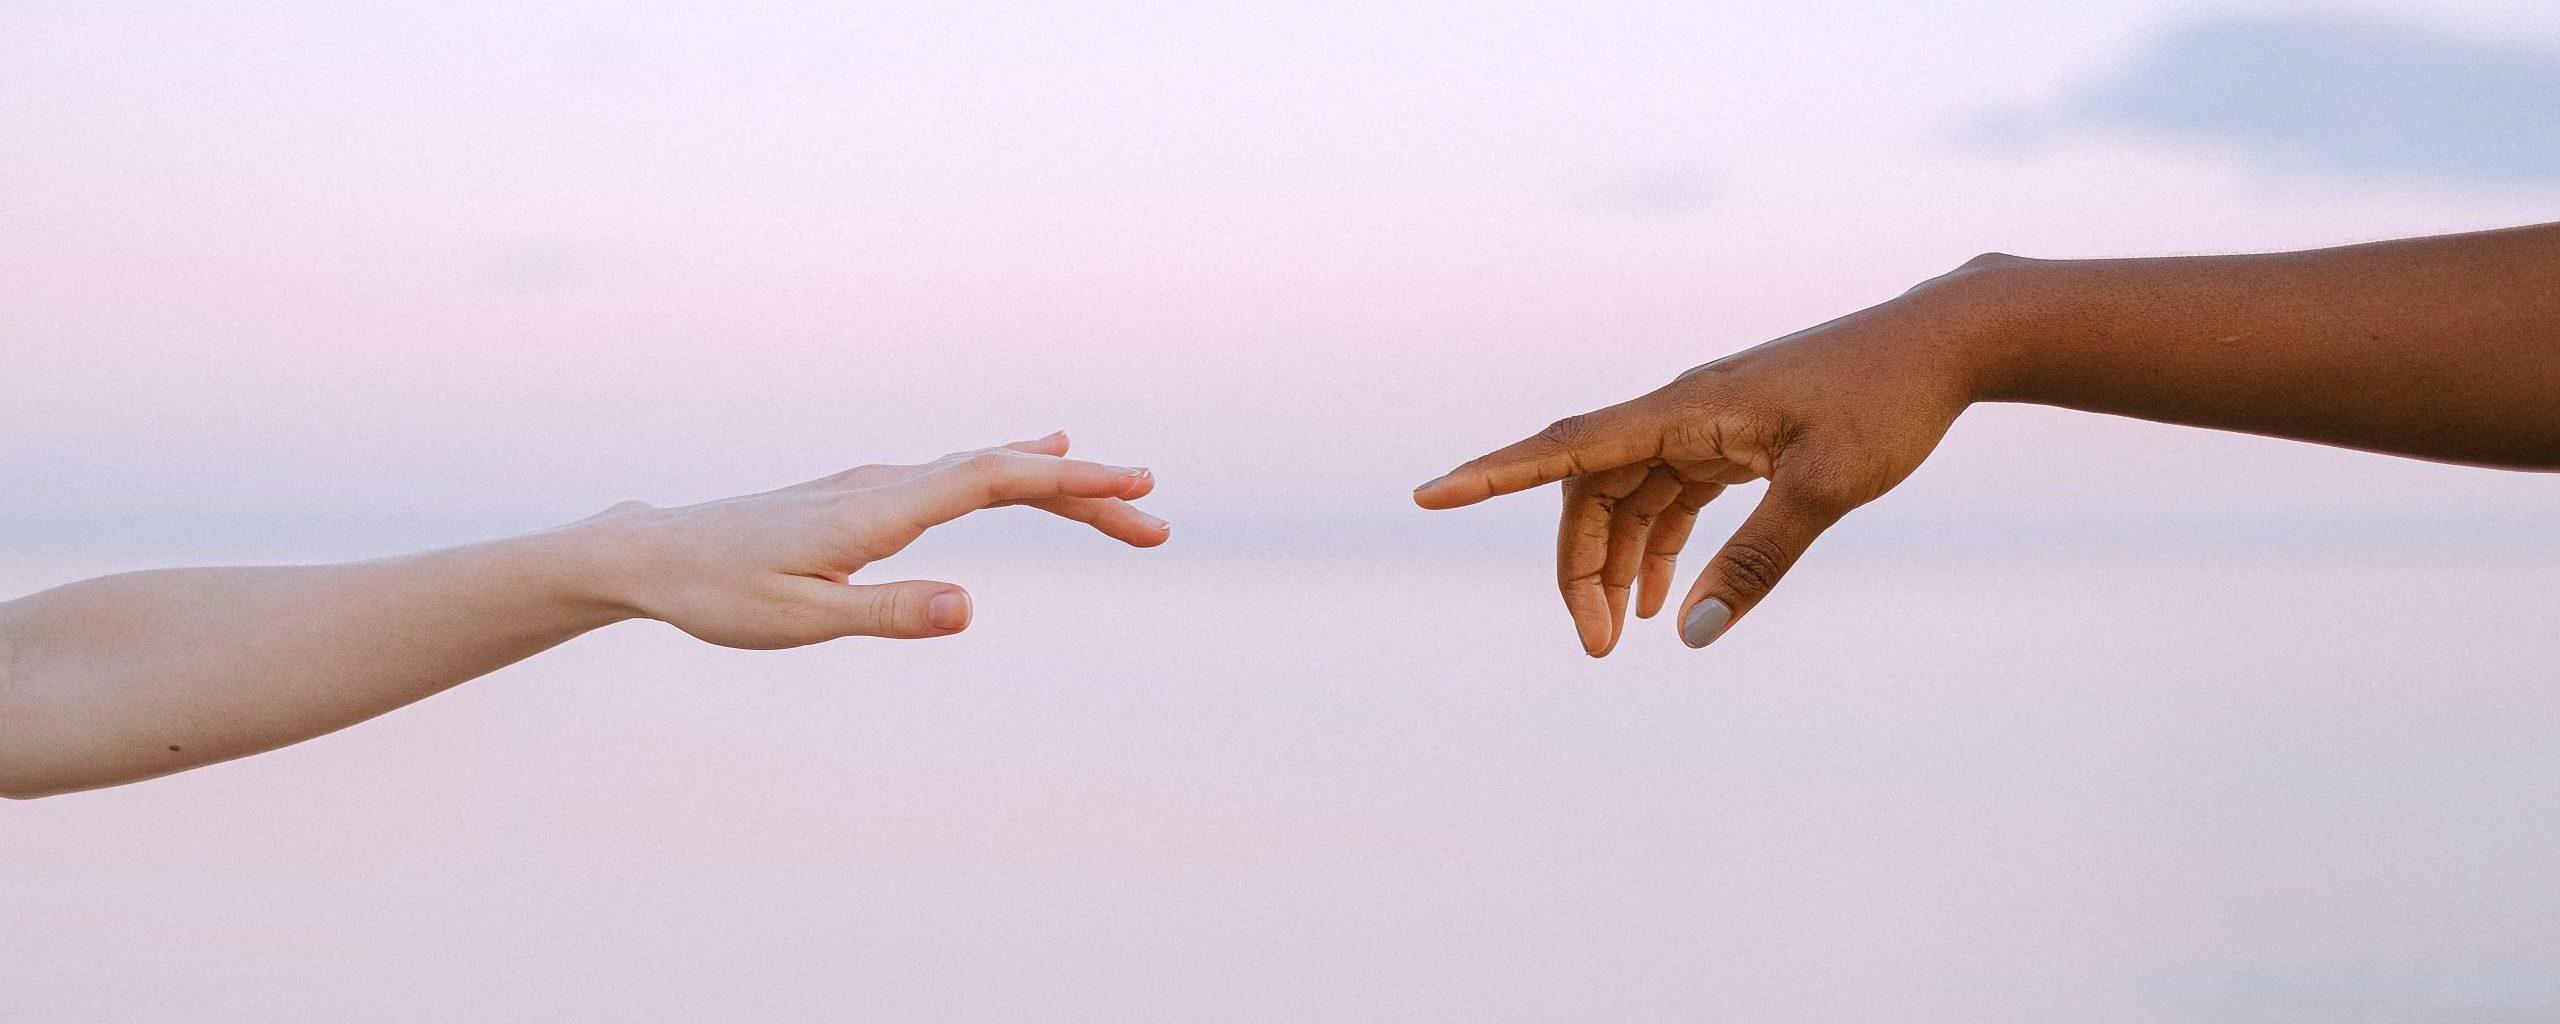 La espiritualidad está al alcance de tu mano